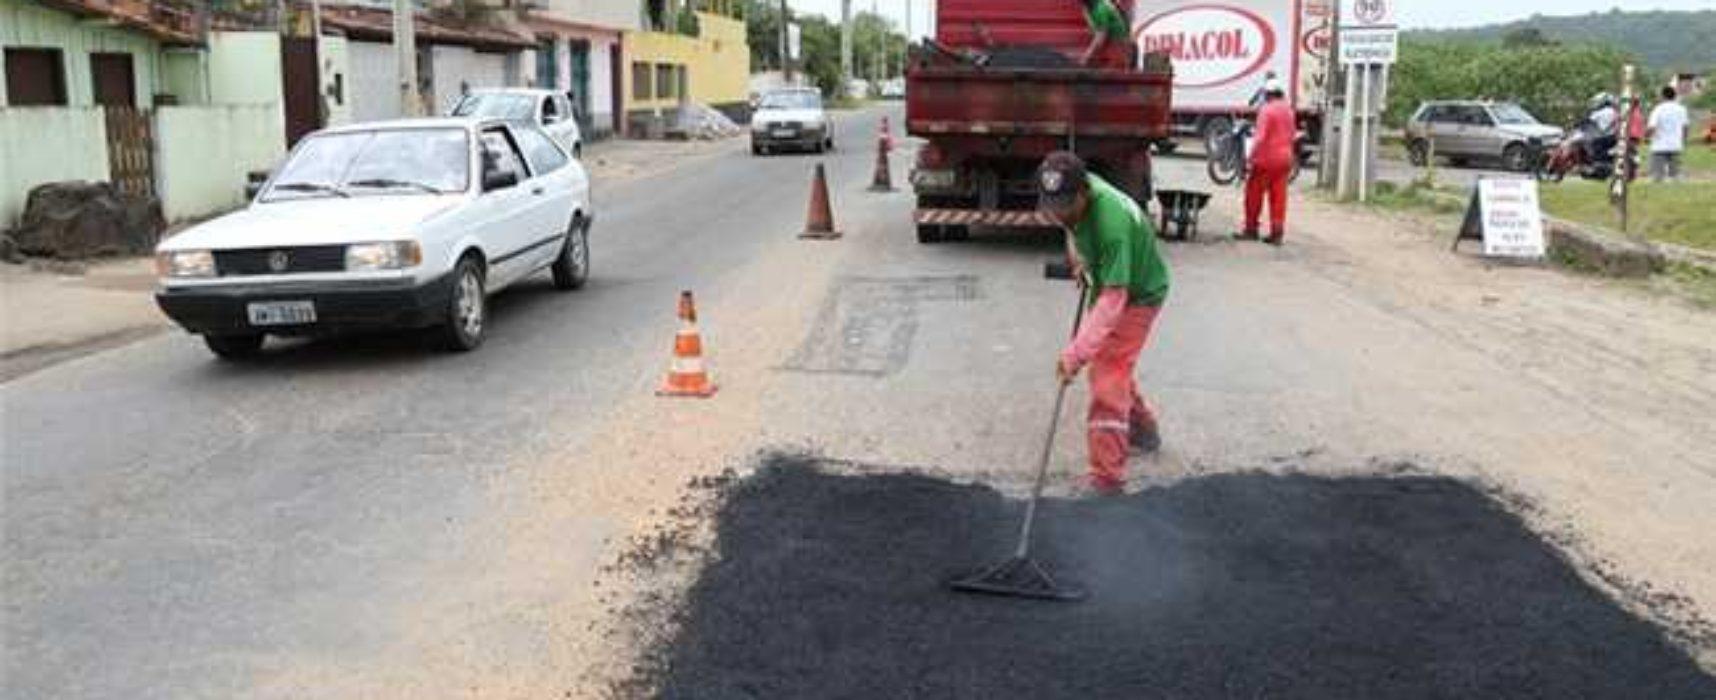 Operação tapa buracos da Prefeitura trabalha em 16 localidades de Ilhéus